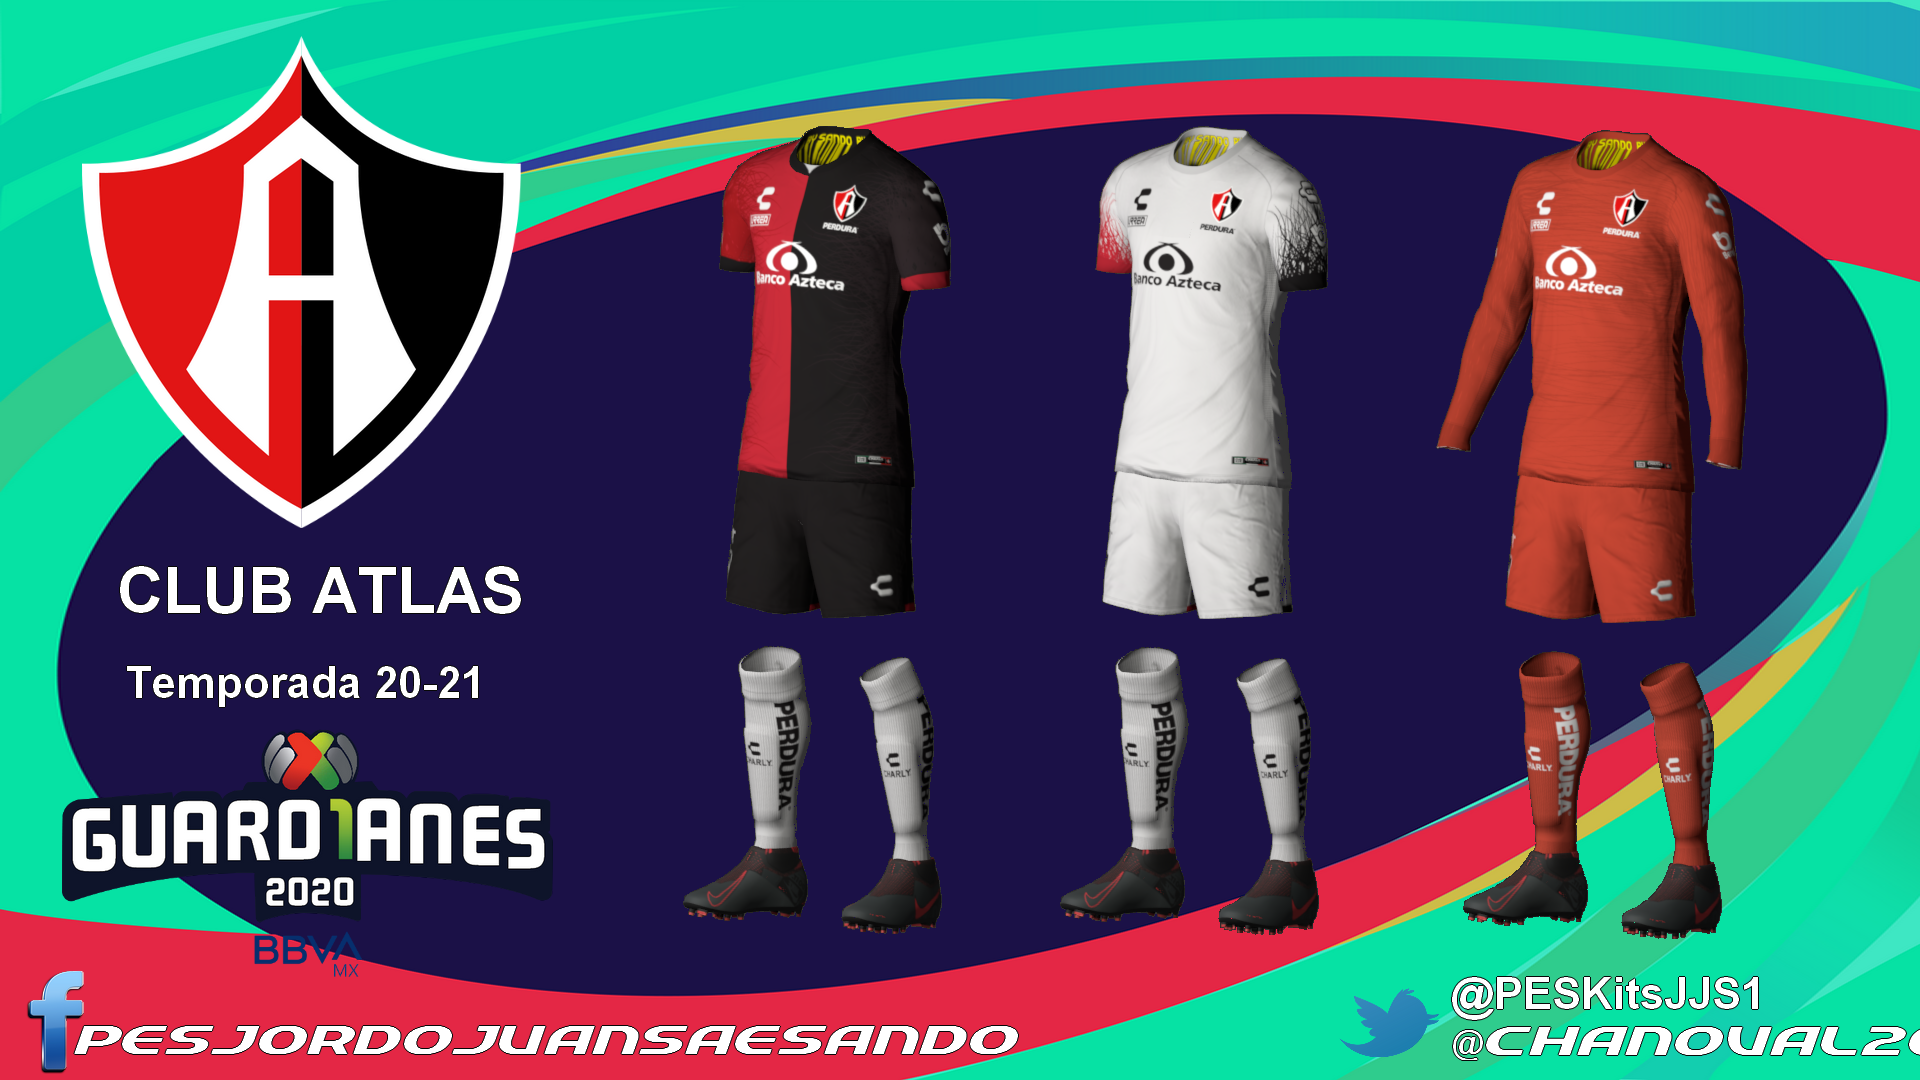 Kits Club Atlas 2020/2021 by Sando